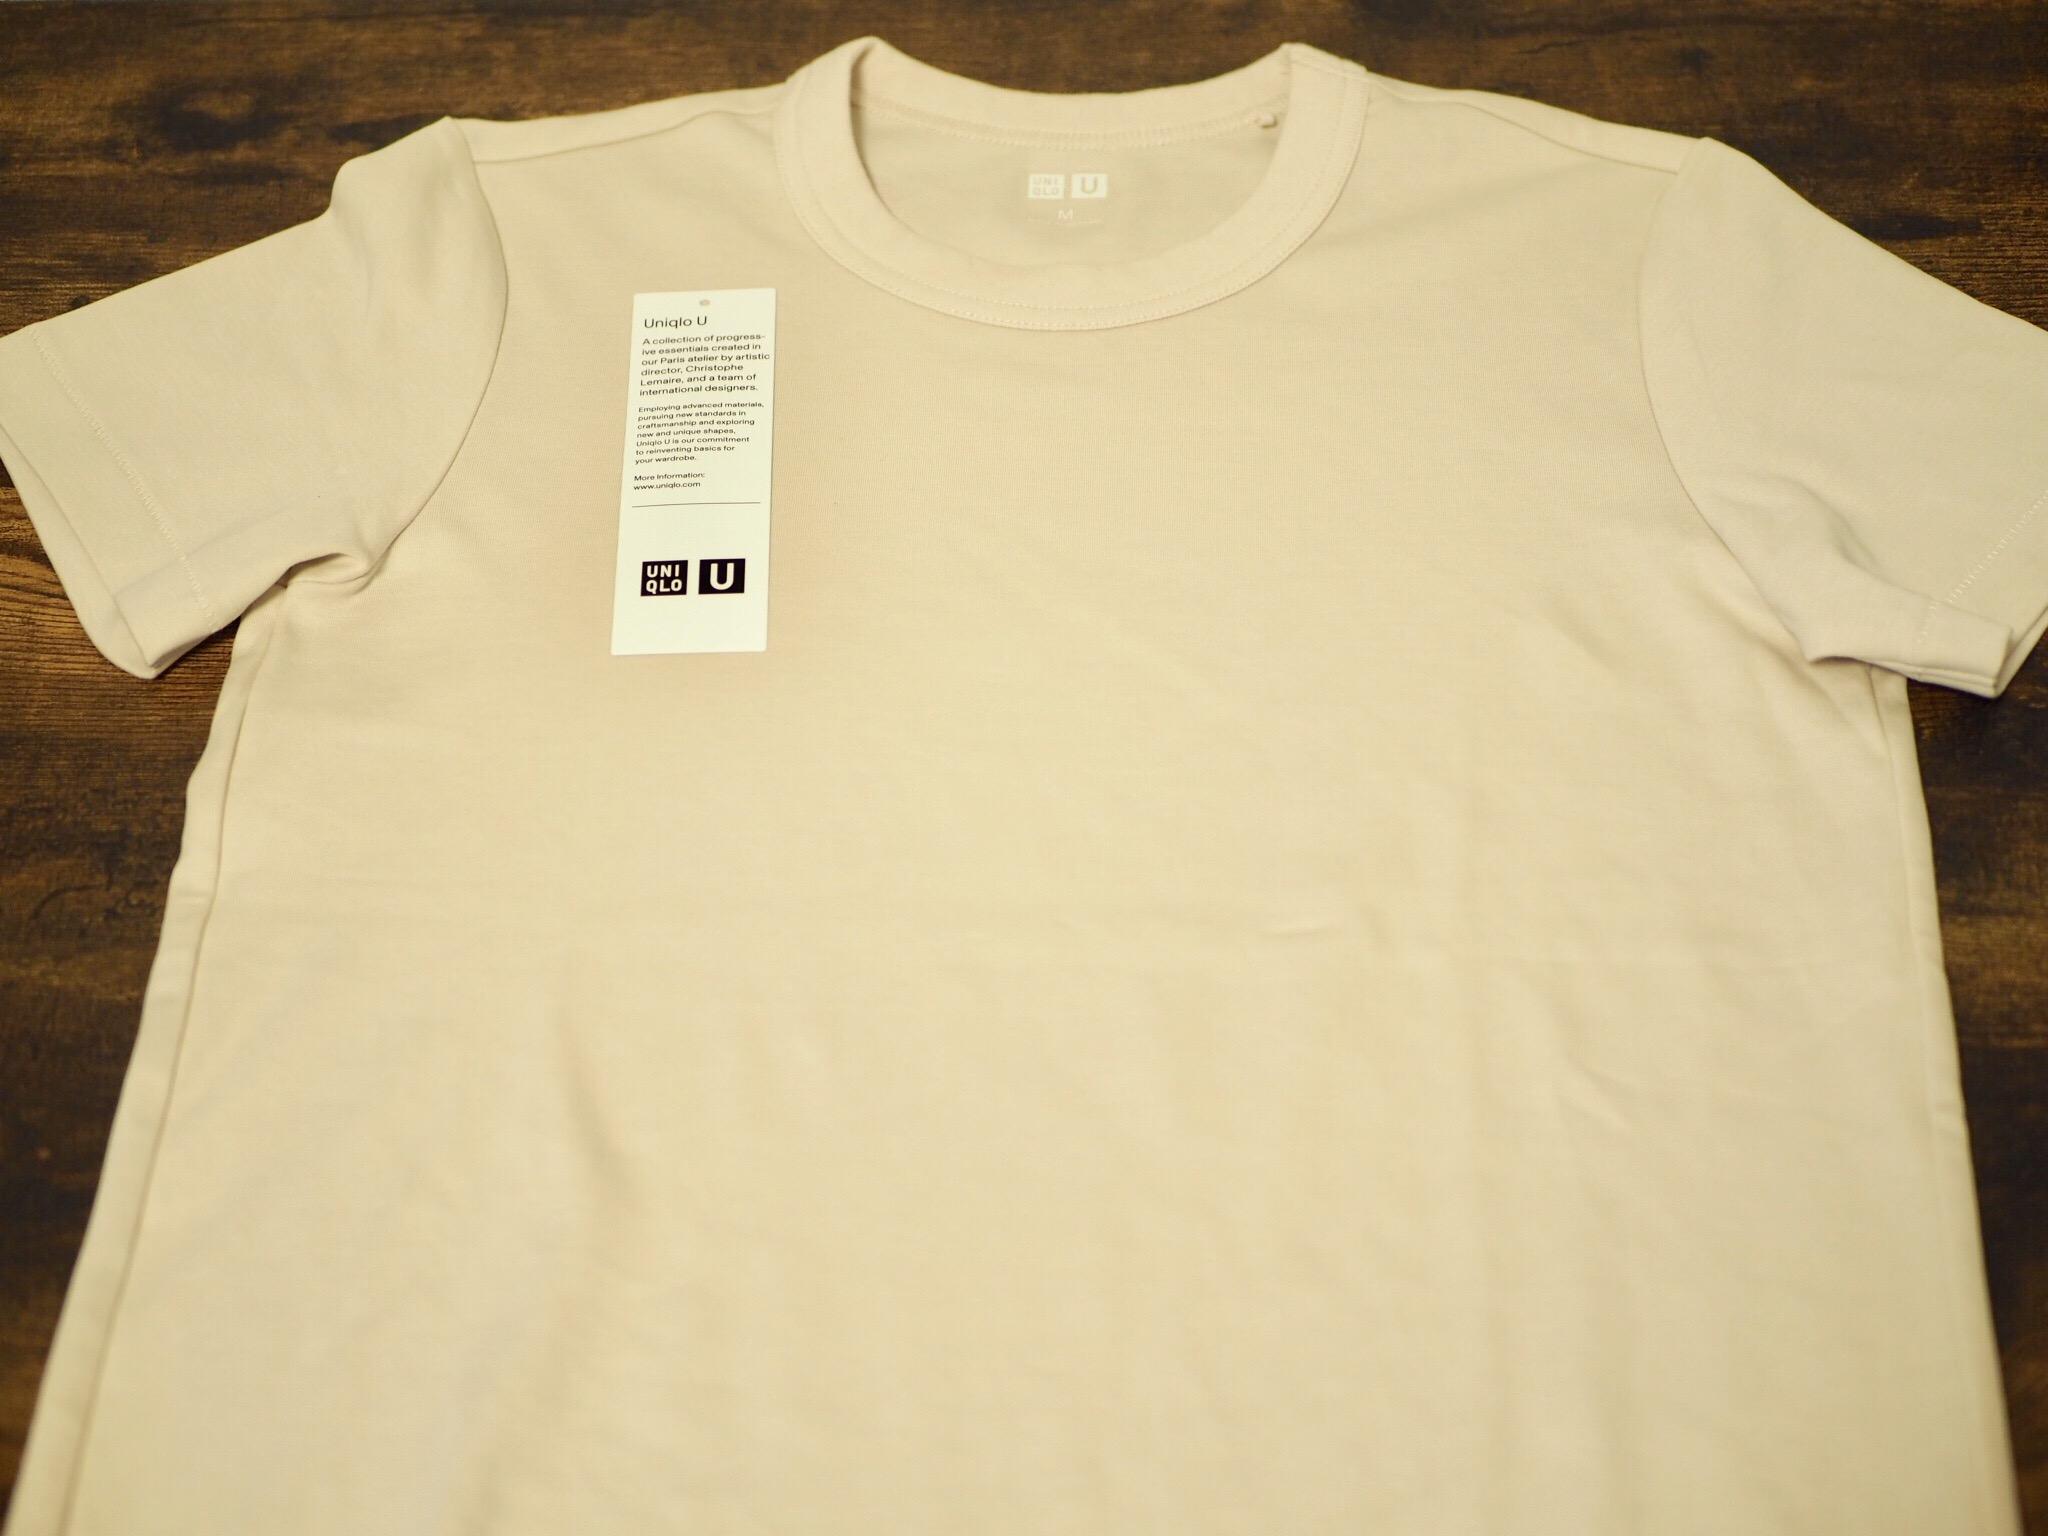 【Uniqro U】コスパ最強!《1000円クルーネックTシャツ》♡ _3